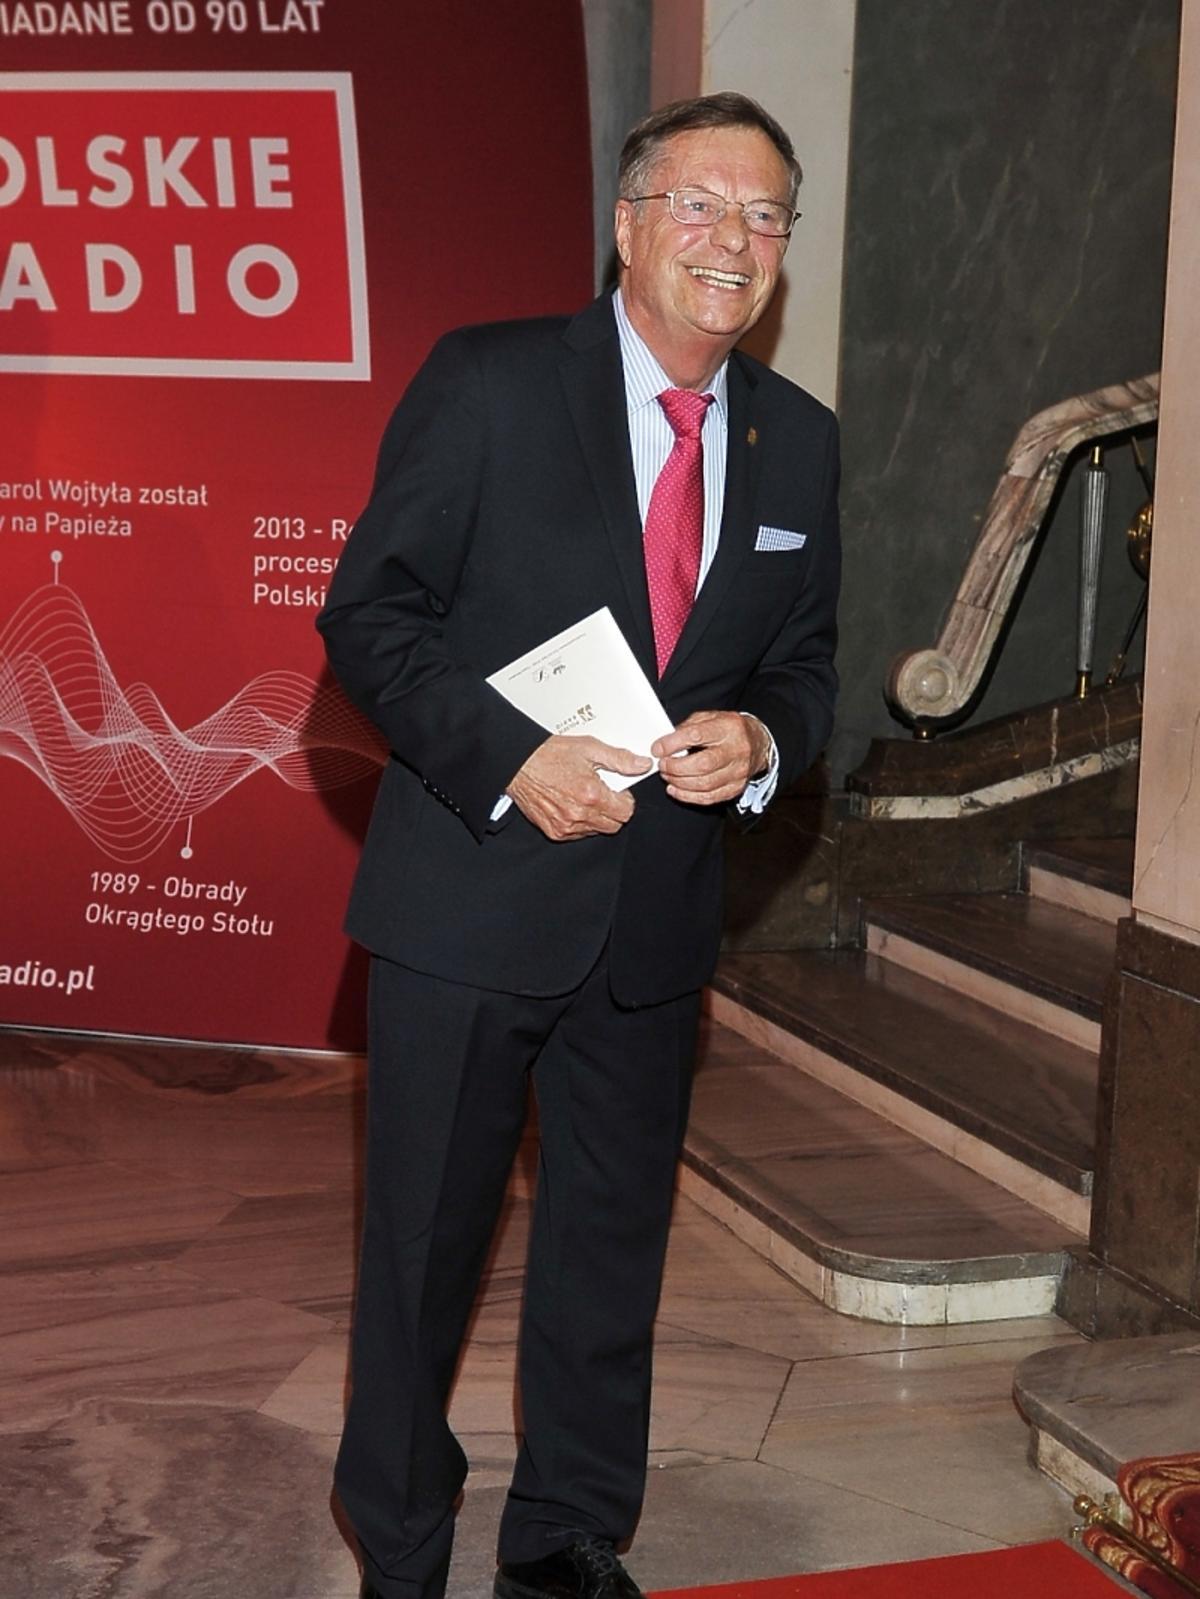 Stefan Fredmann na jubileuszowej gali 90-lecia Polskiego Radia